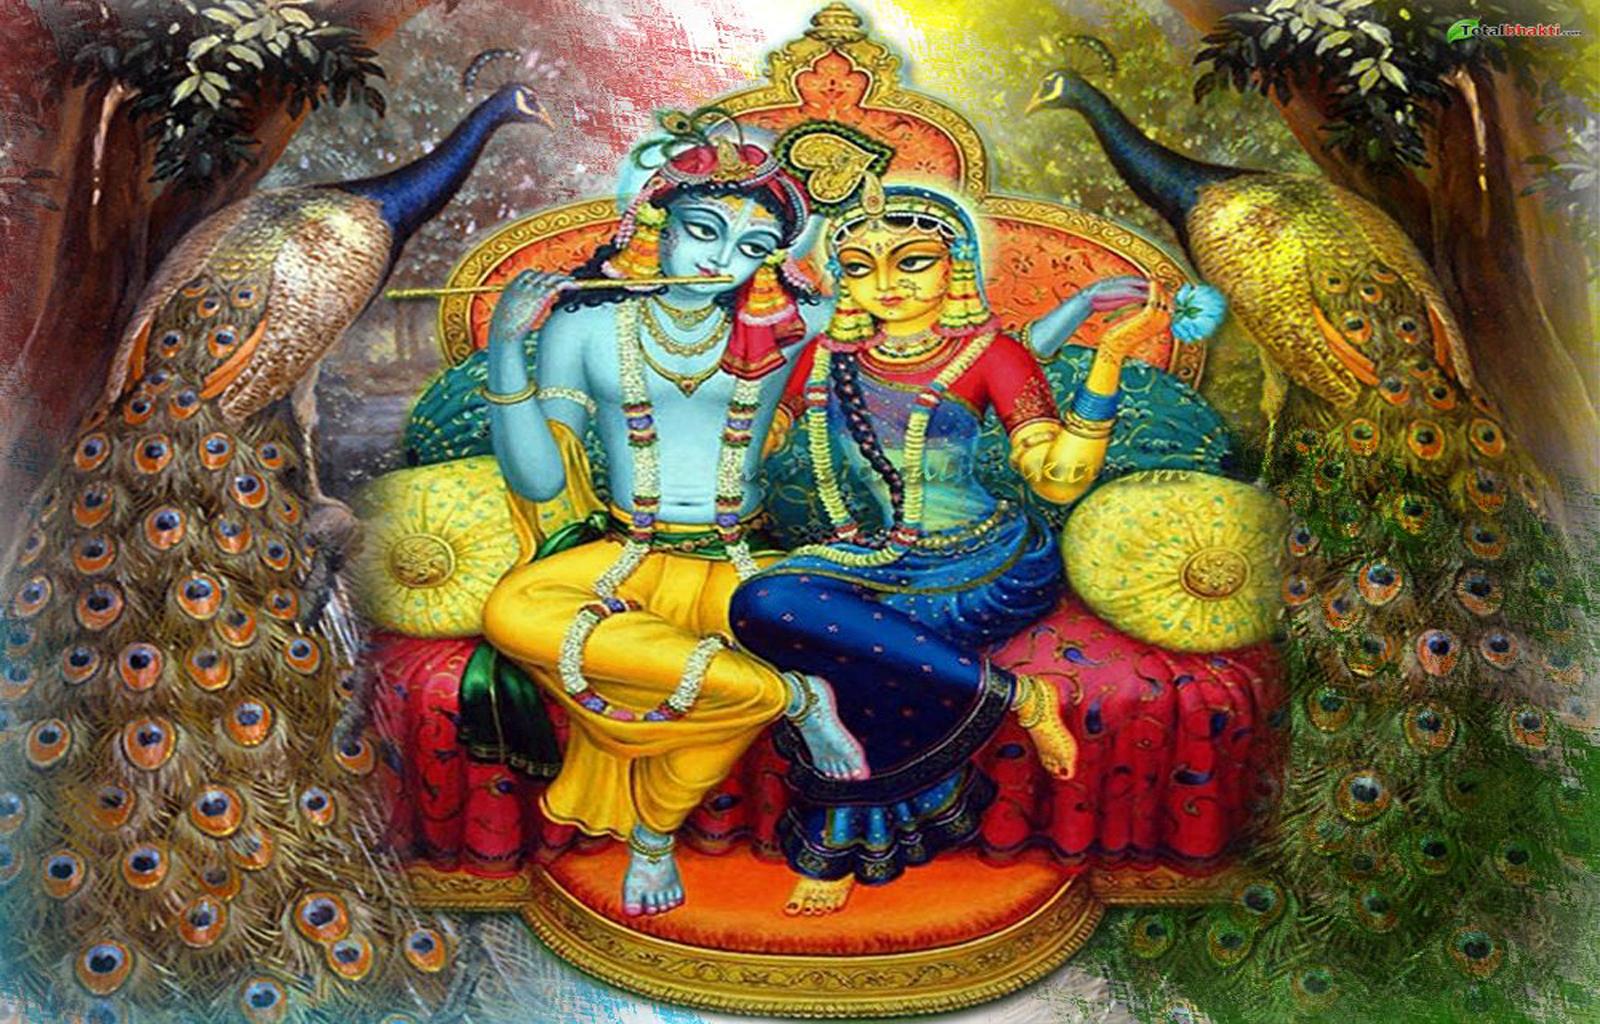 http://4.bp.blogspot.com/-V4BLL72teHE/TkwnS923p1I/AAAAAAAAAC0/sBqGHJjBHM8/s1600/lord-krishna-radha.jpg